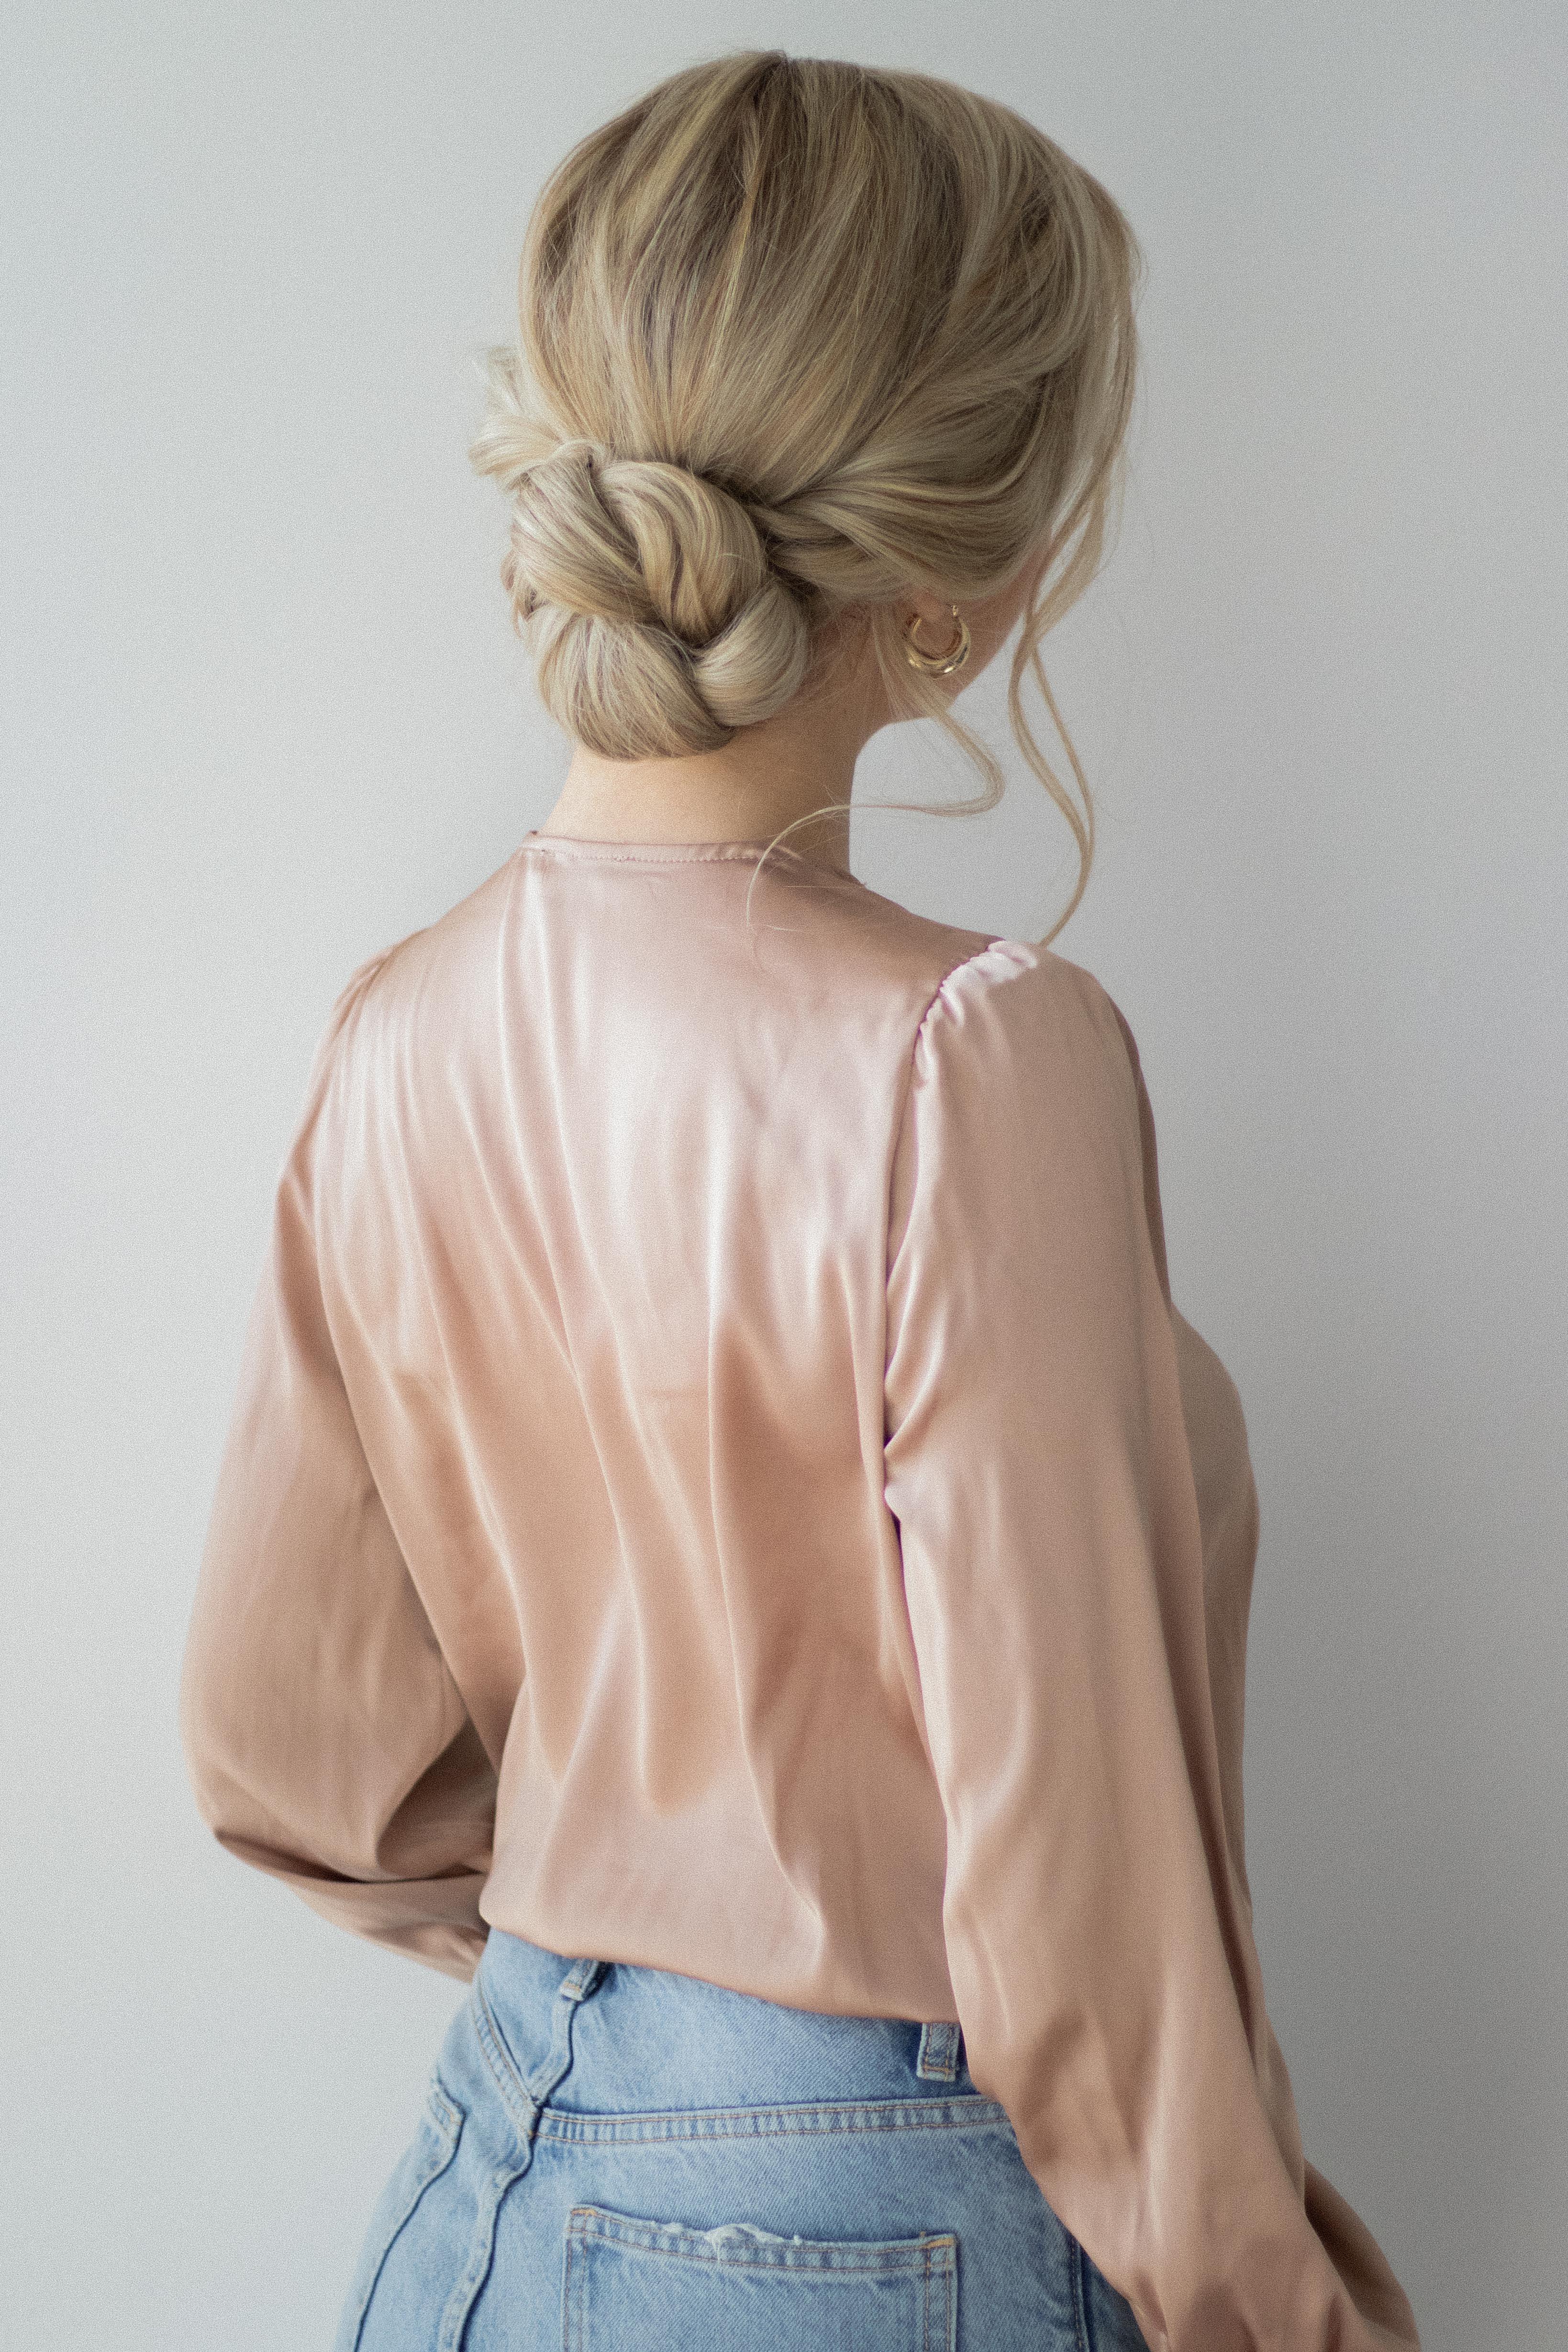 HOW TO: EASY UPDO Hair Tutorial | www.alexgaboury.com